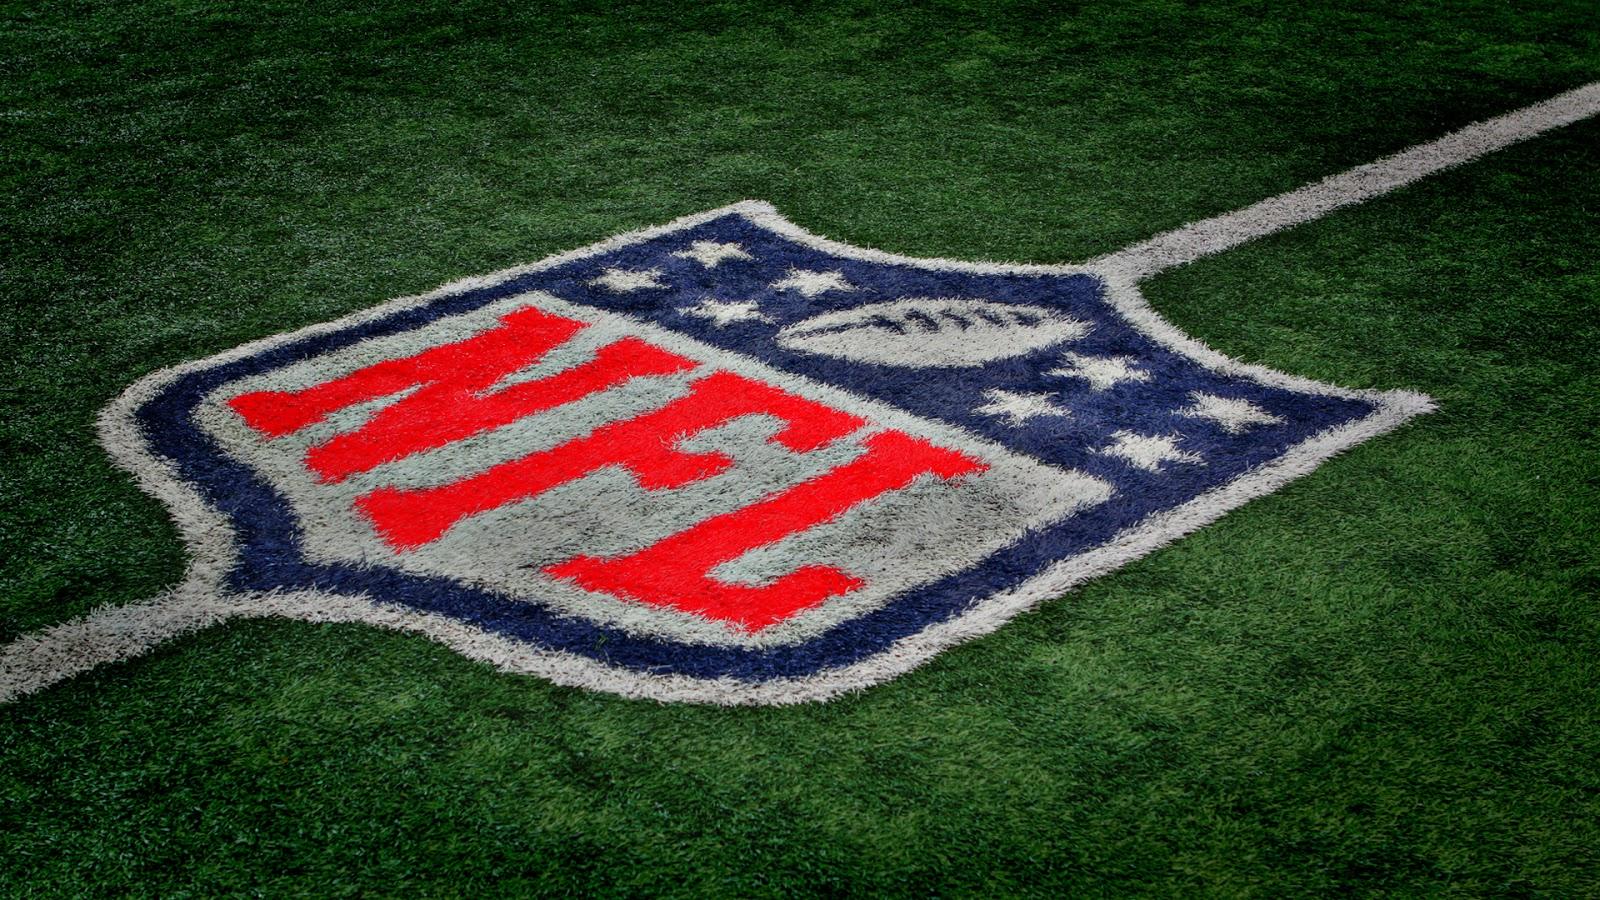 NFL Wallpaper 283